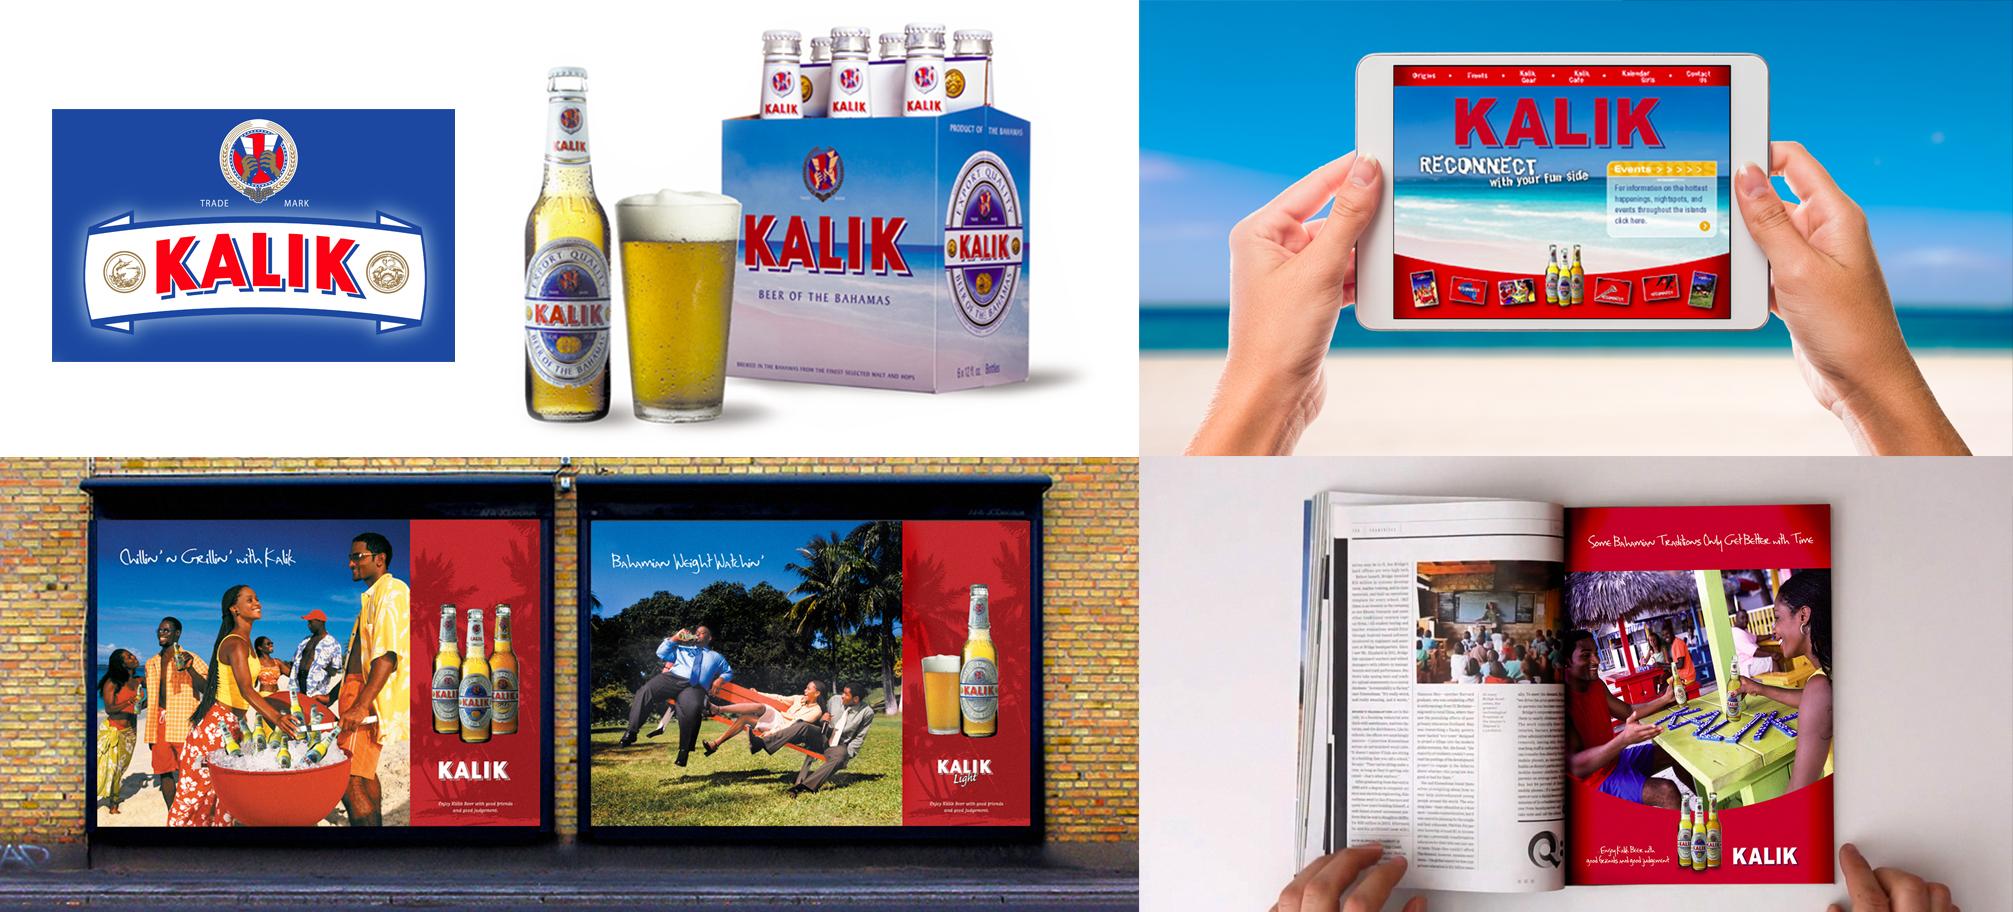 Rebrand + relaunch of Kalik Beer